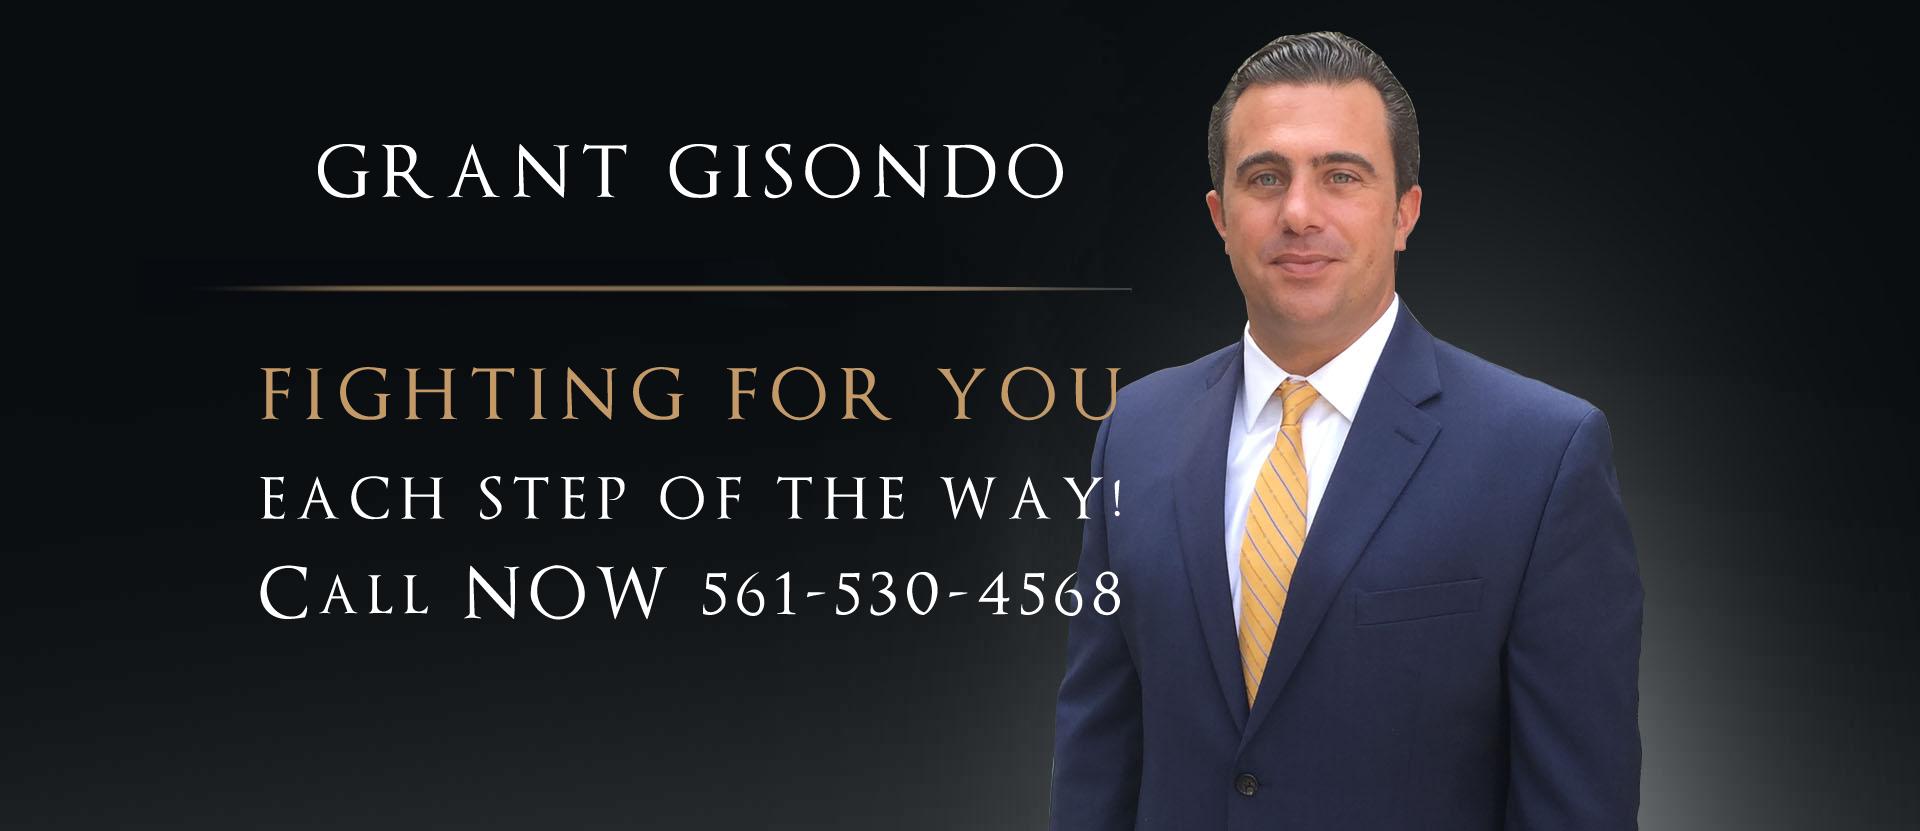 Grant Gisondo